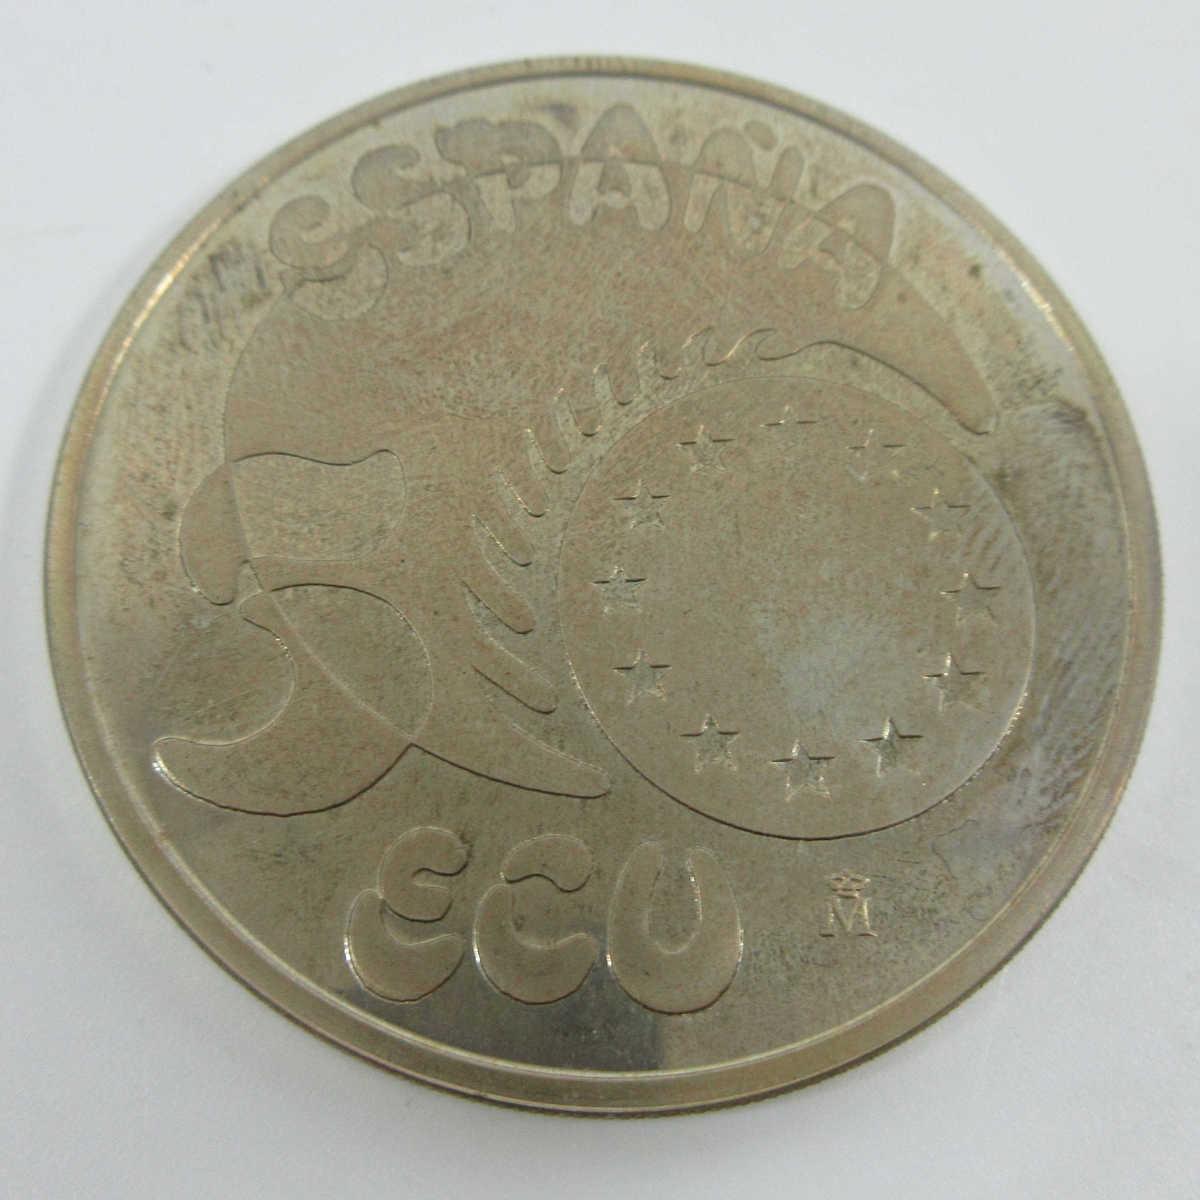 ■スペイン大型銀貨(1989年ヨーロッパ 33.62g プルーフ)5エキュ銀貨 b83_画像2